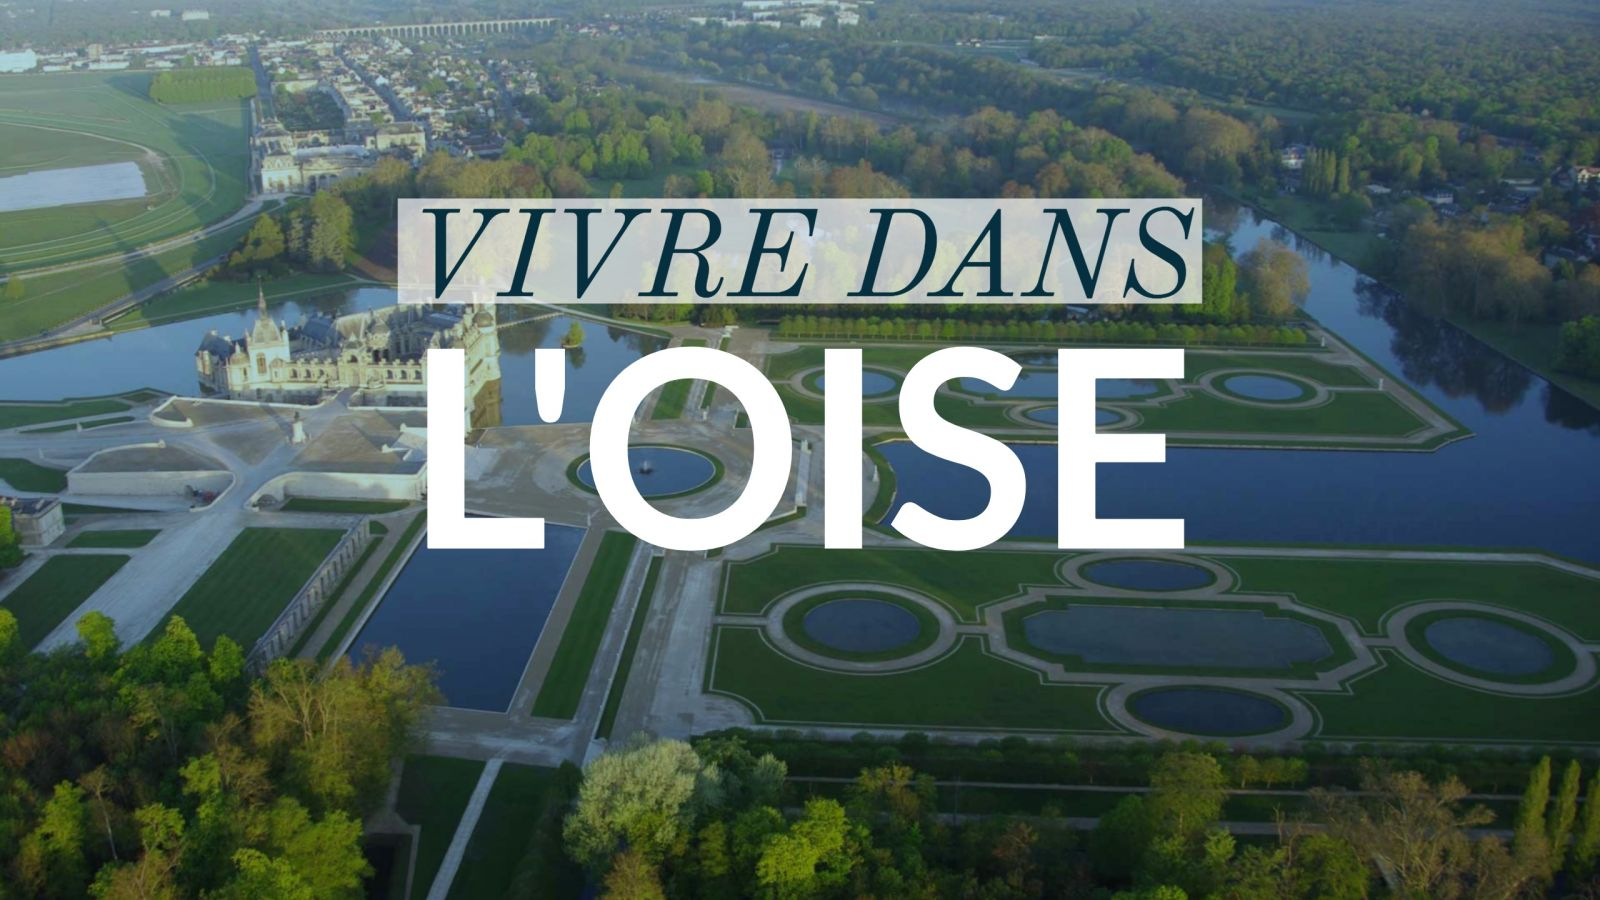 Vivre dans l'Oise